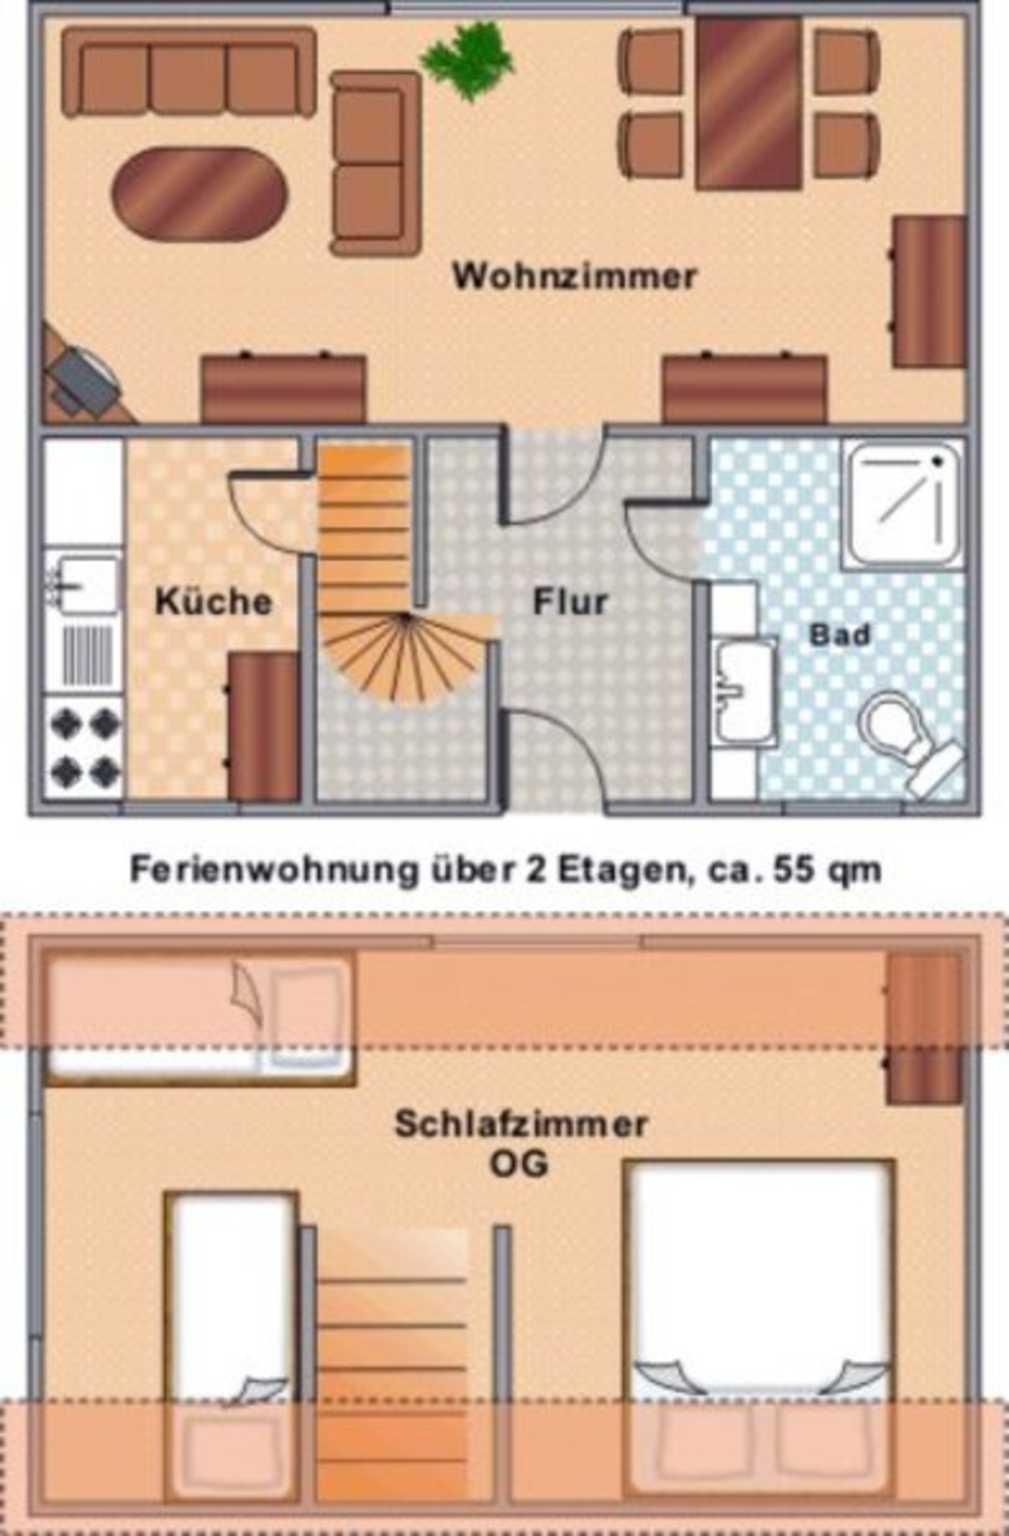 TSS Ferienwohnung Karger, Karger FW